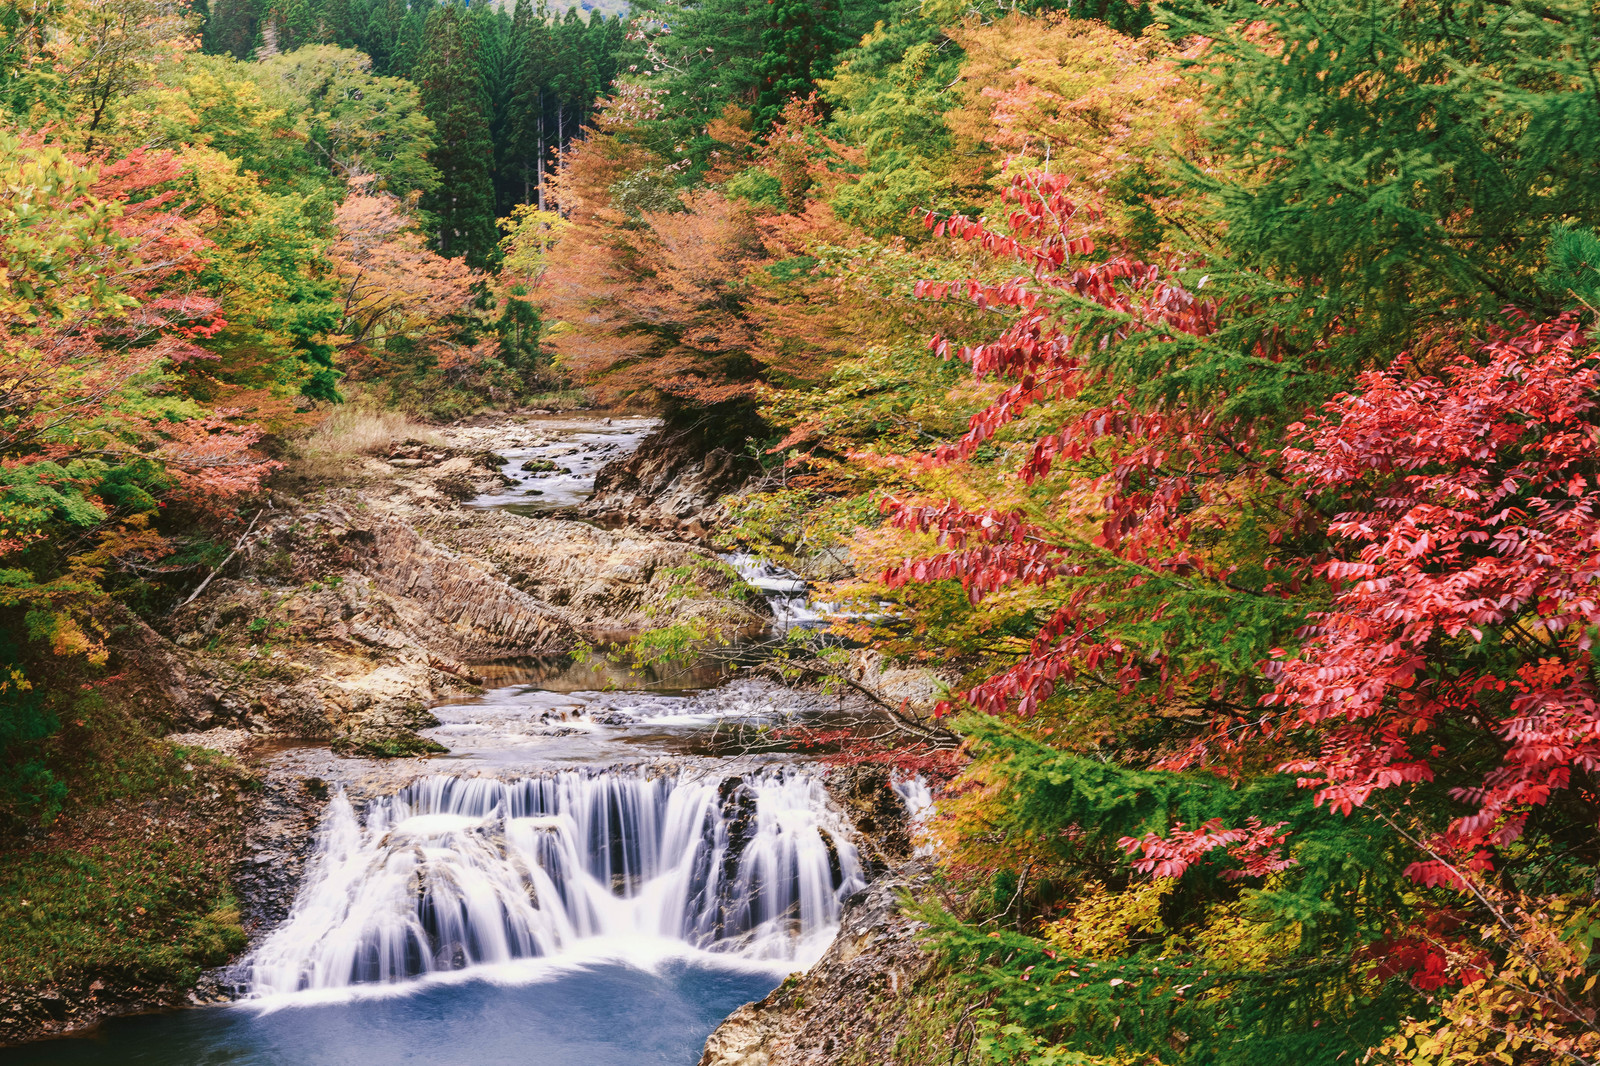 「下北の川内川の紅葉下北の川内川の紅葉」のフリー写真素材を拡大